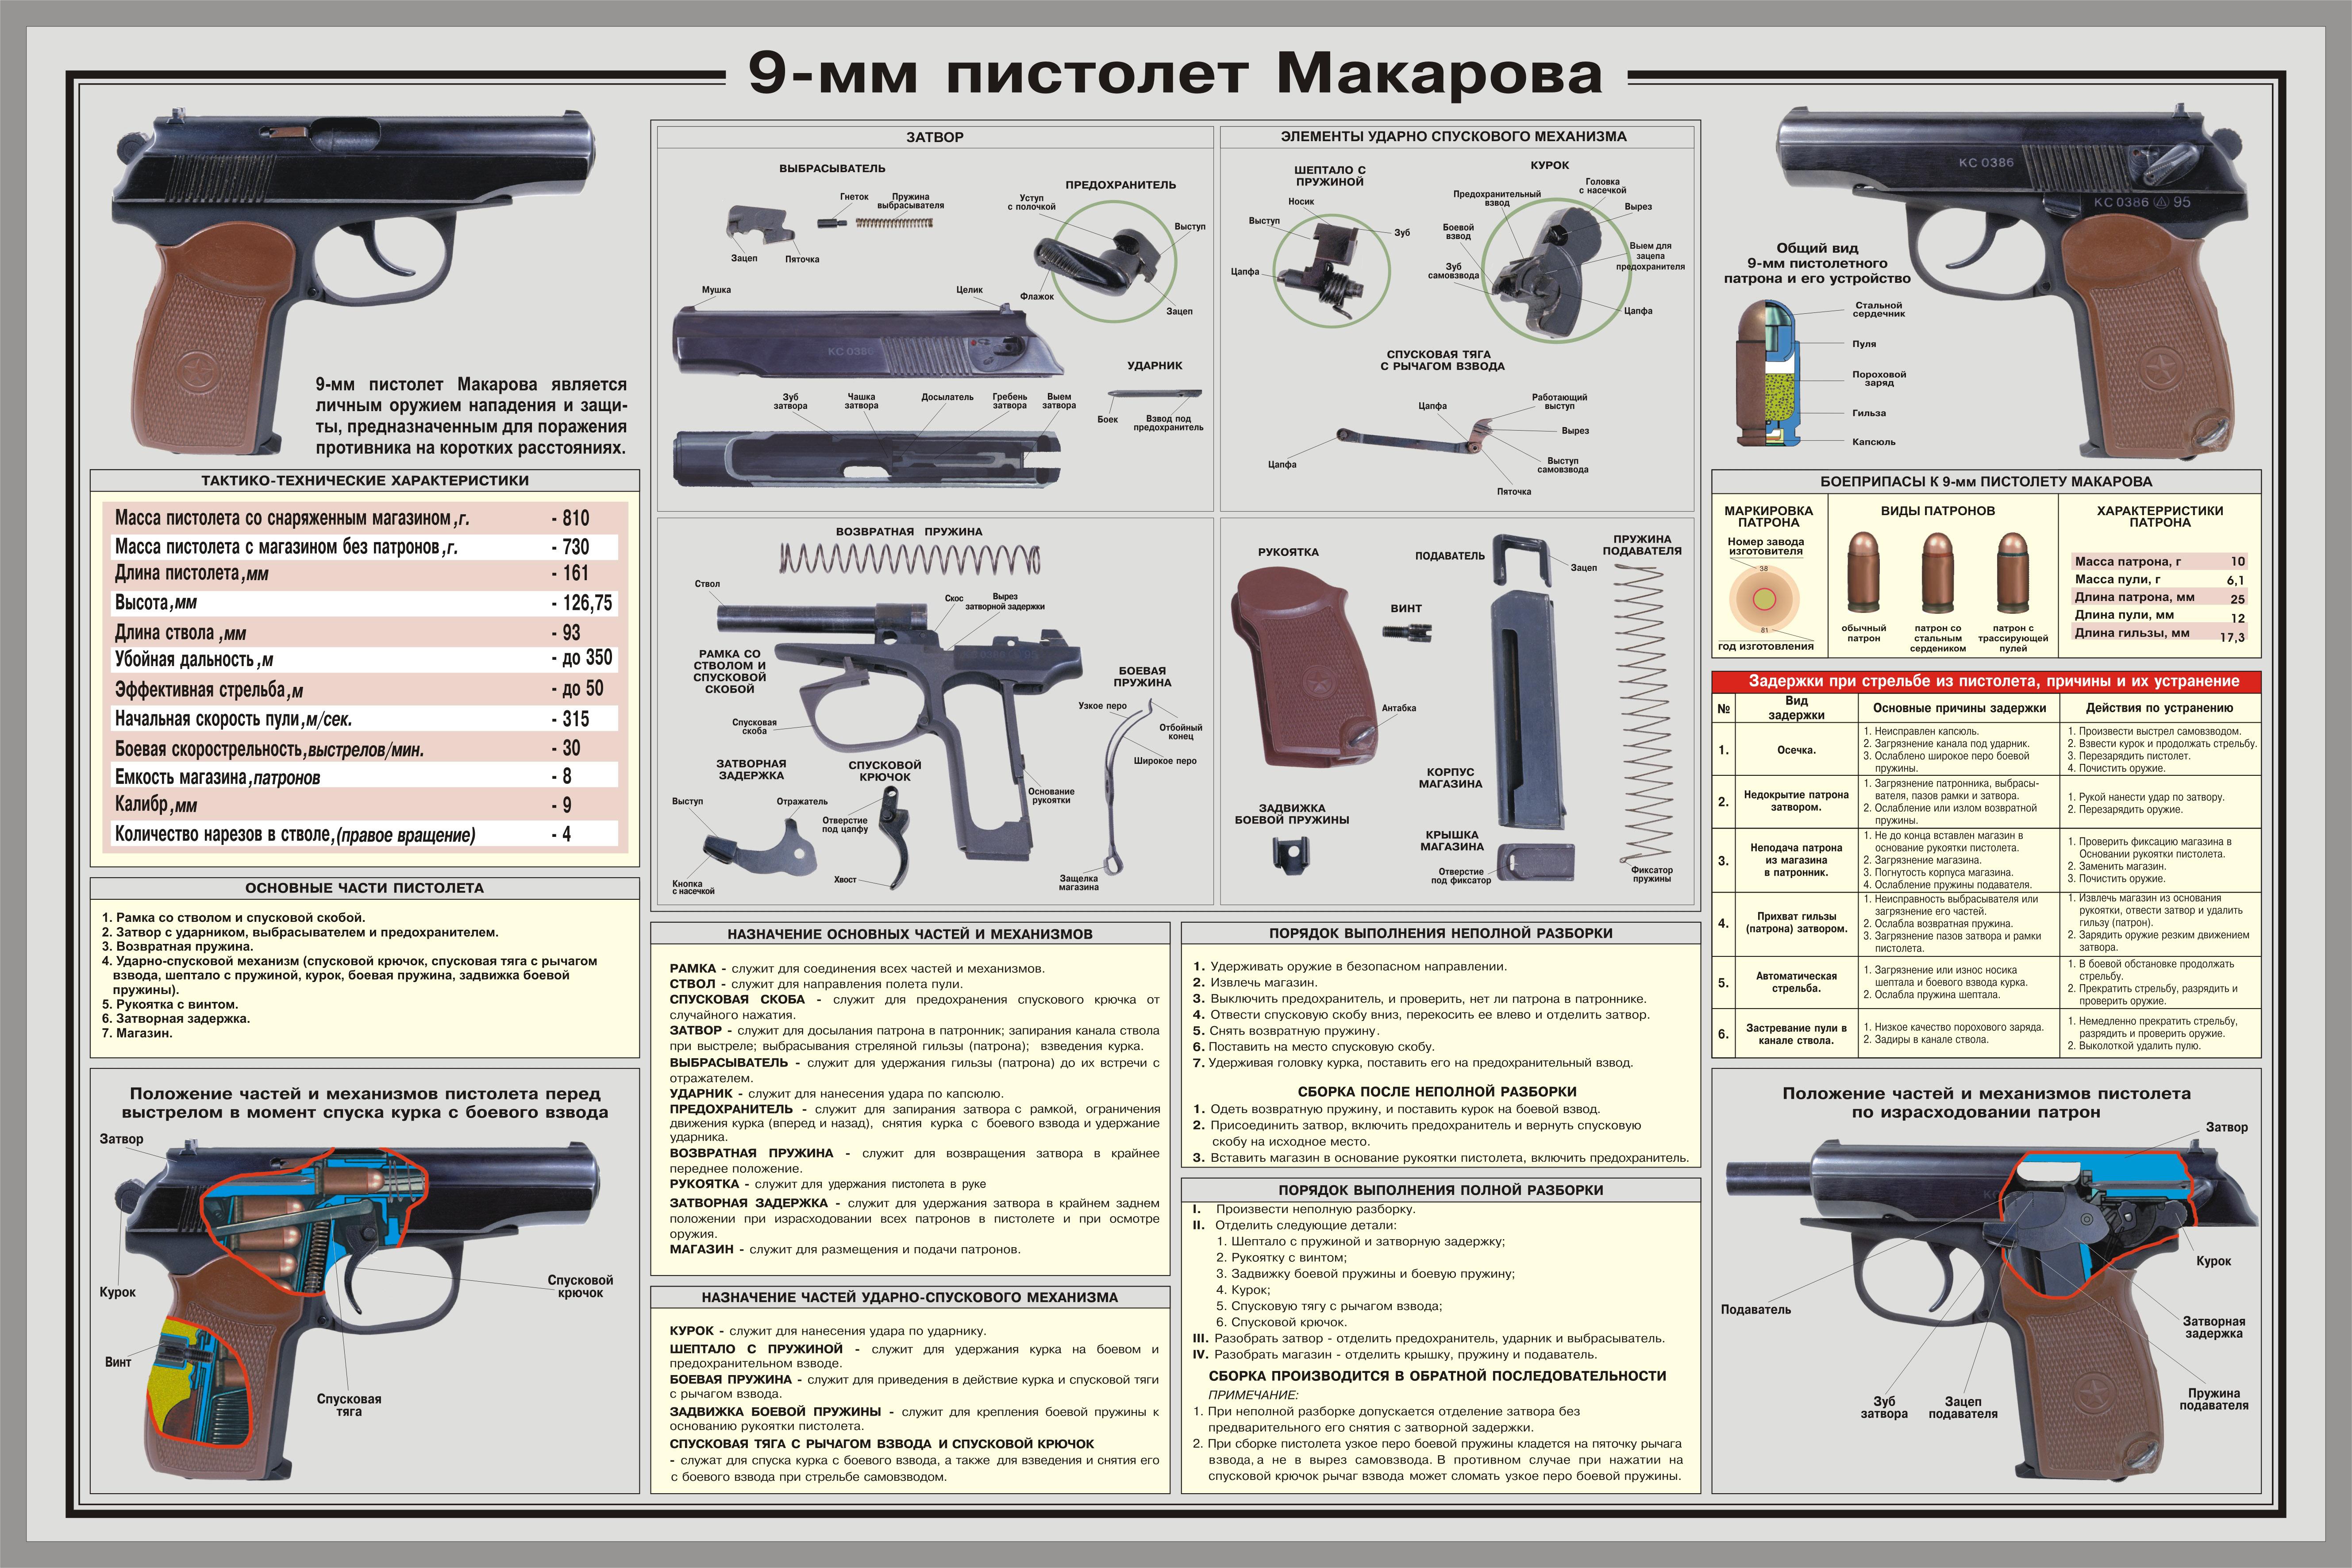 пистолета зажигалки схема